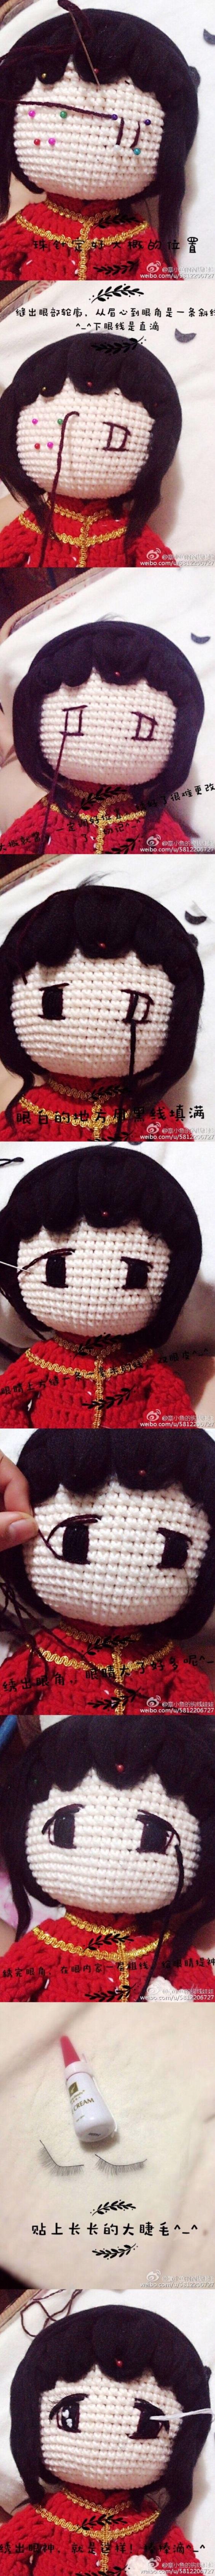 ojos amigurumis-crochet-otakulandia.es (16)